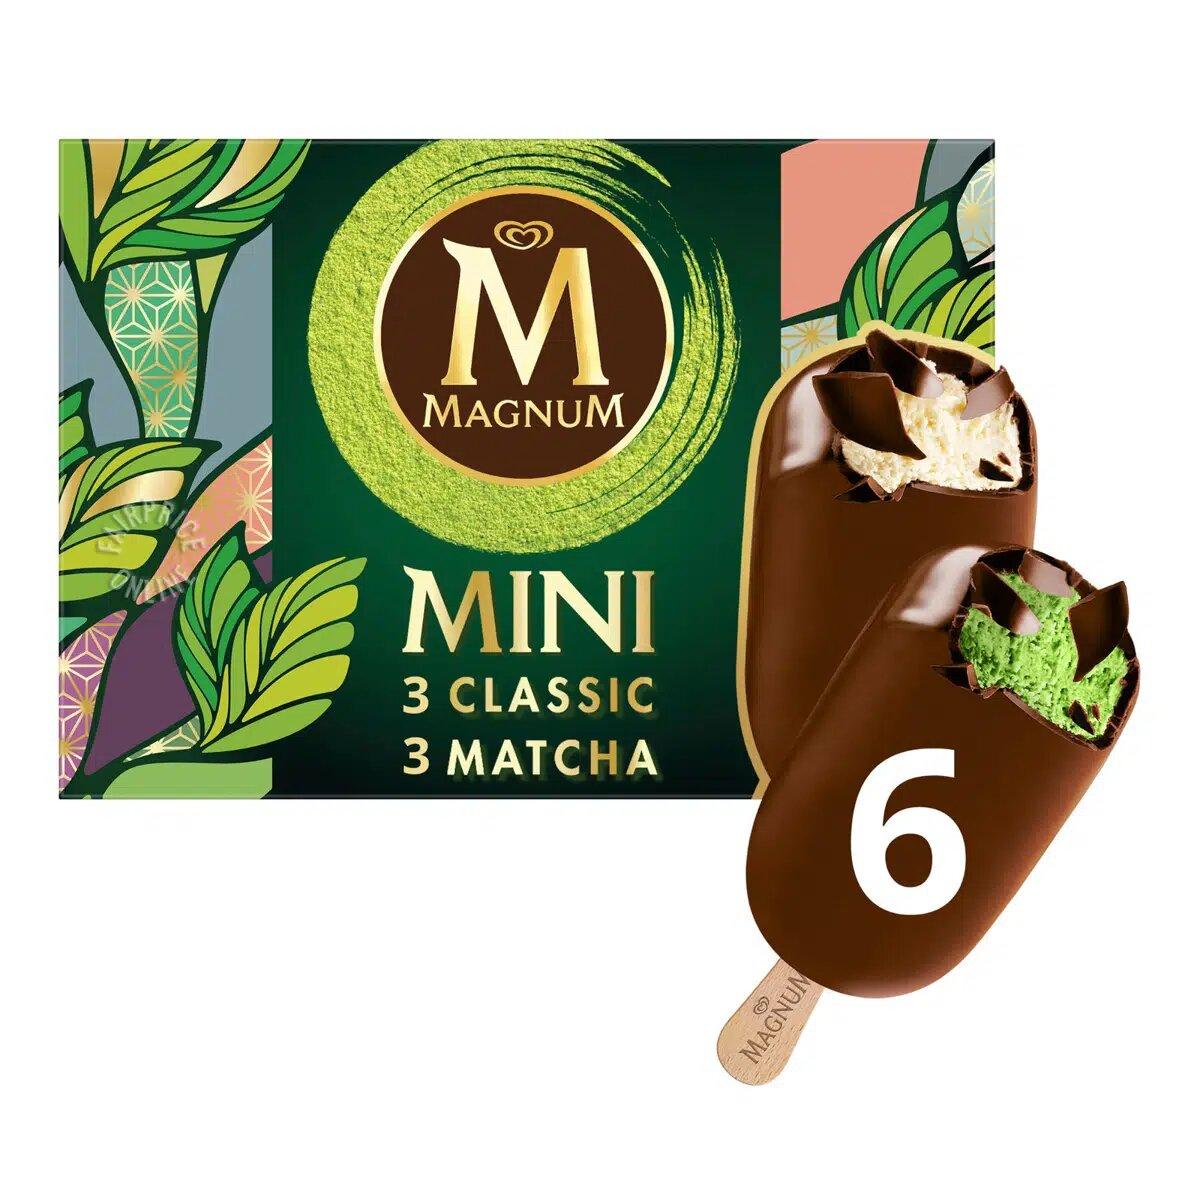 Magnum Mini Ice Cream - Classic & Matcha